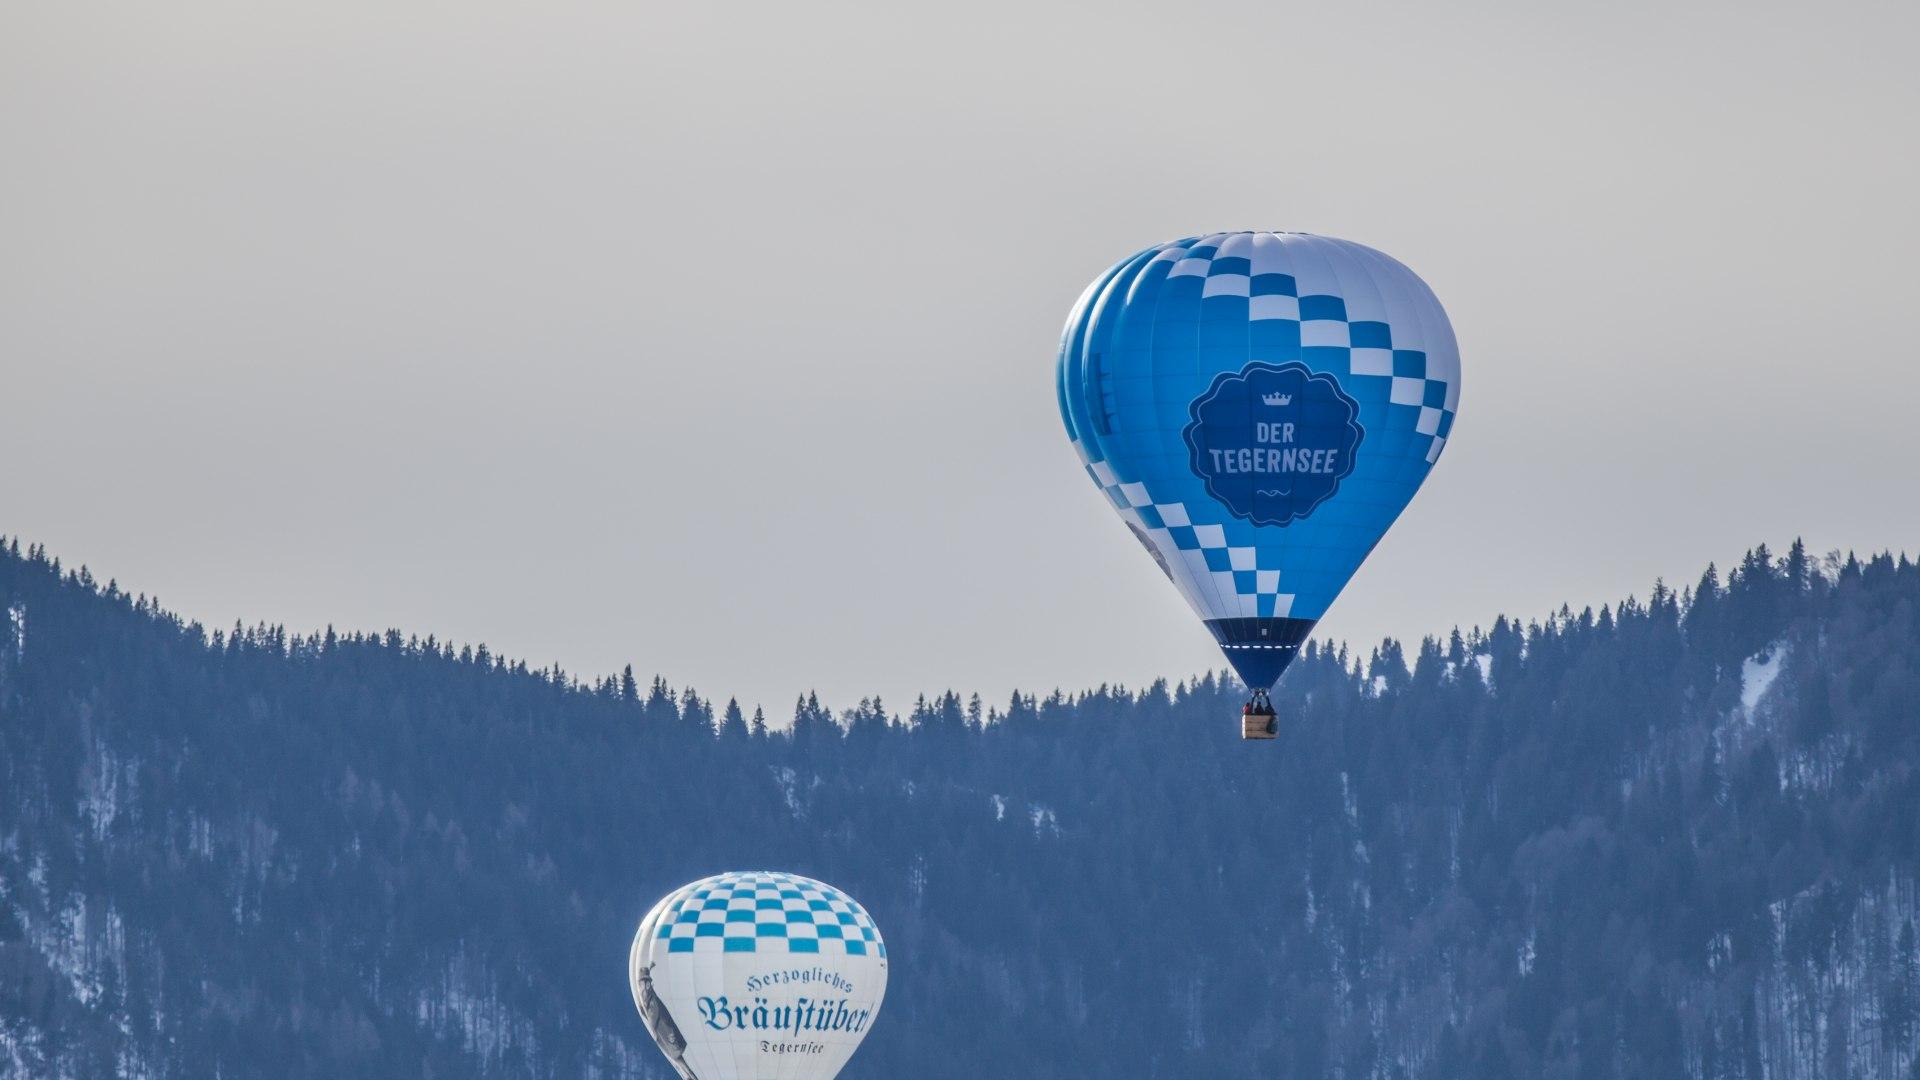 Ballonfahrt über dem Tegernsee, © Christoph Schempershofe